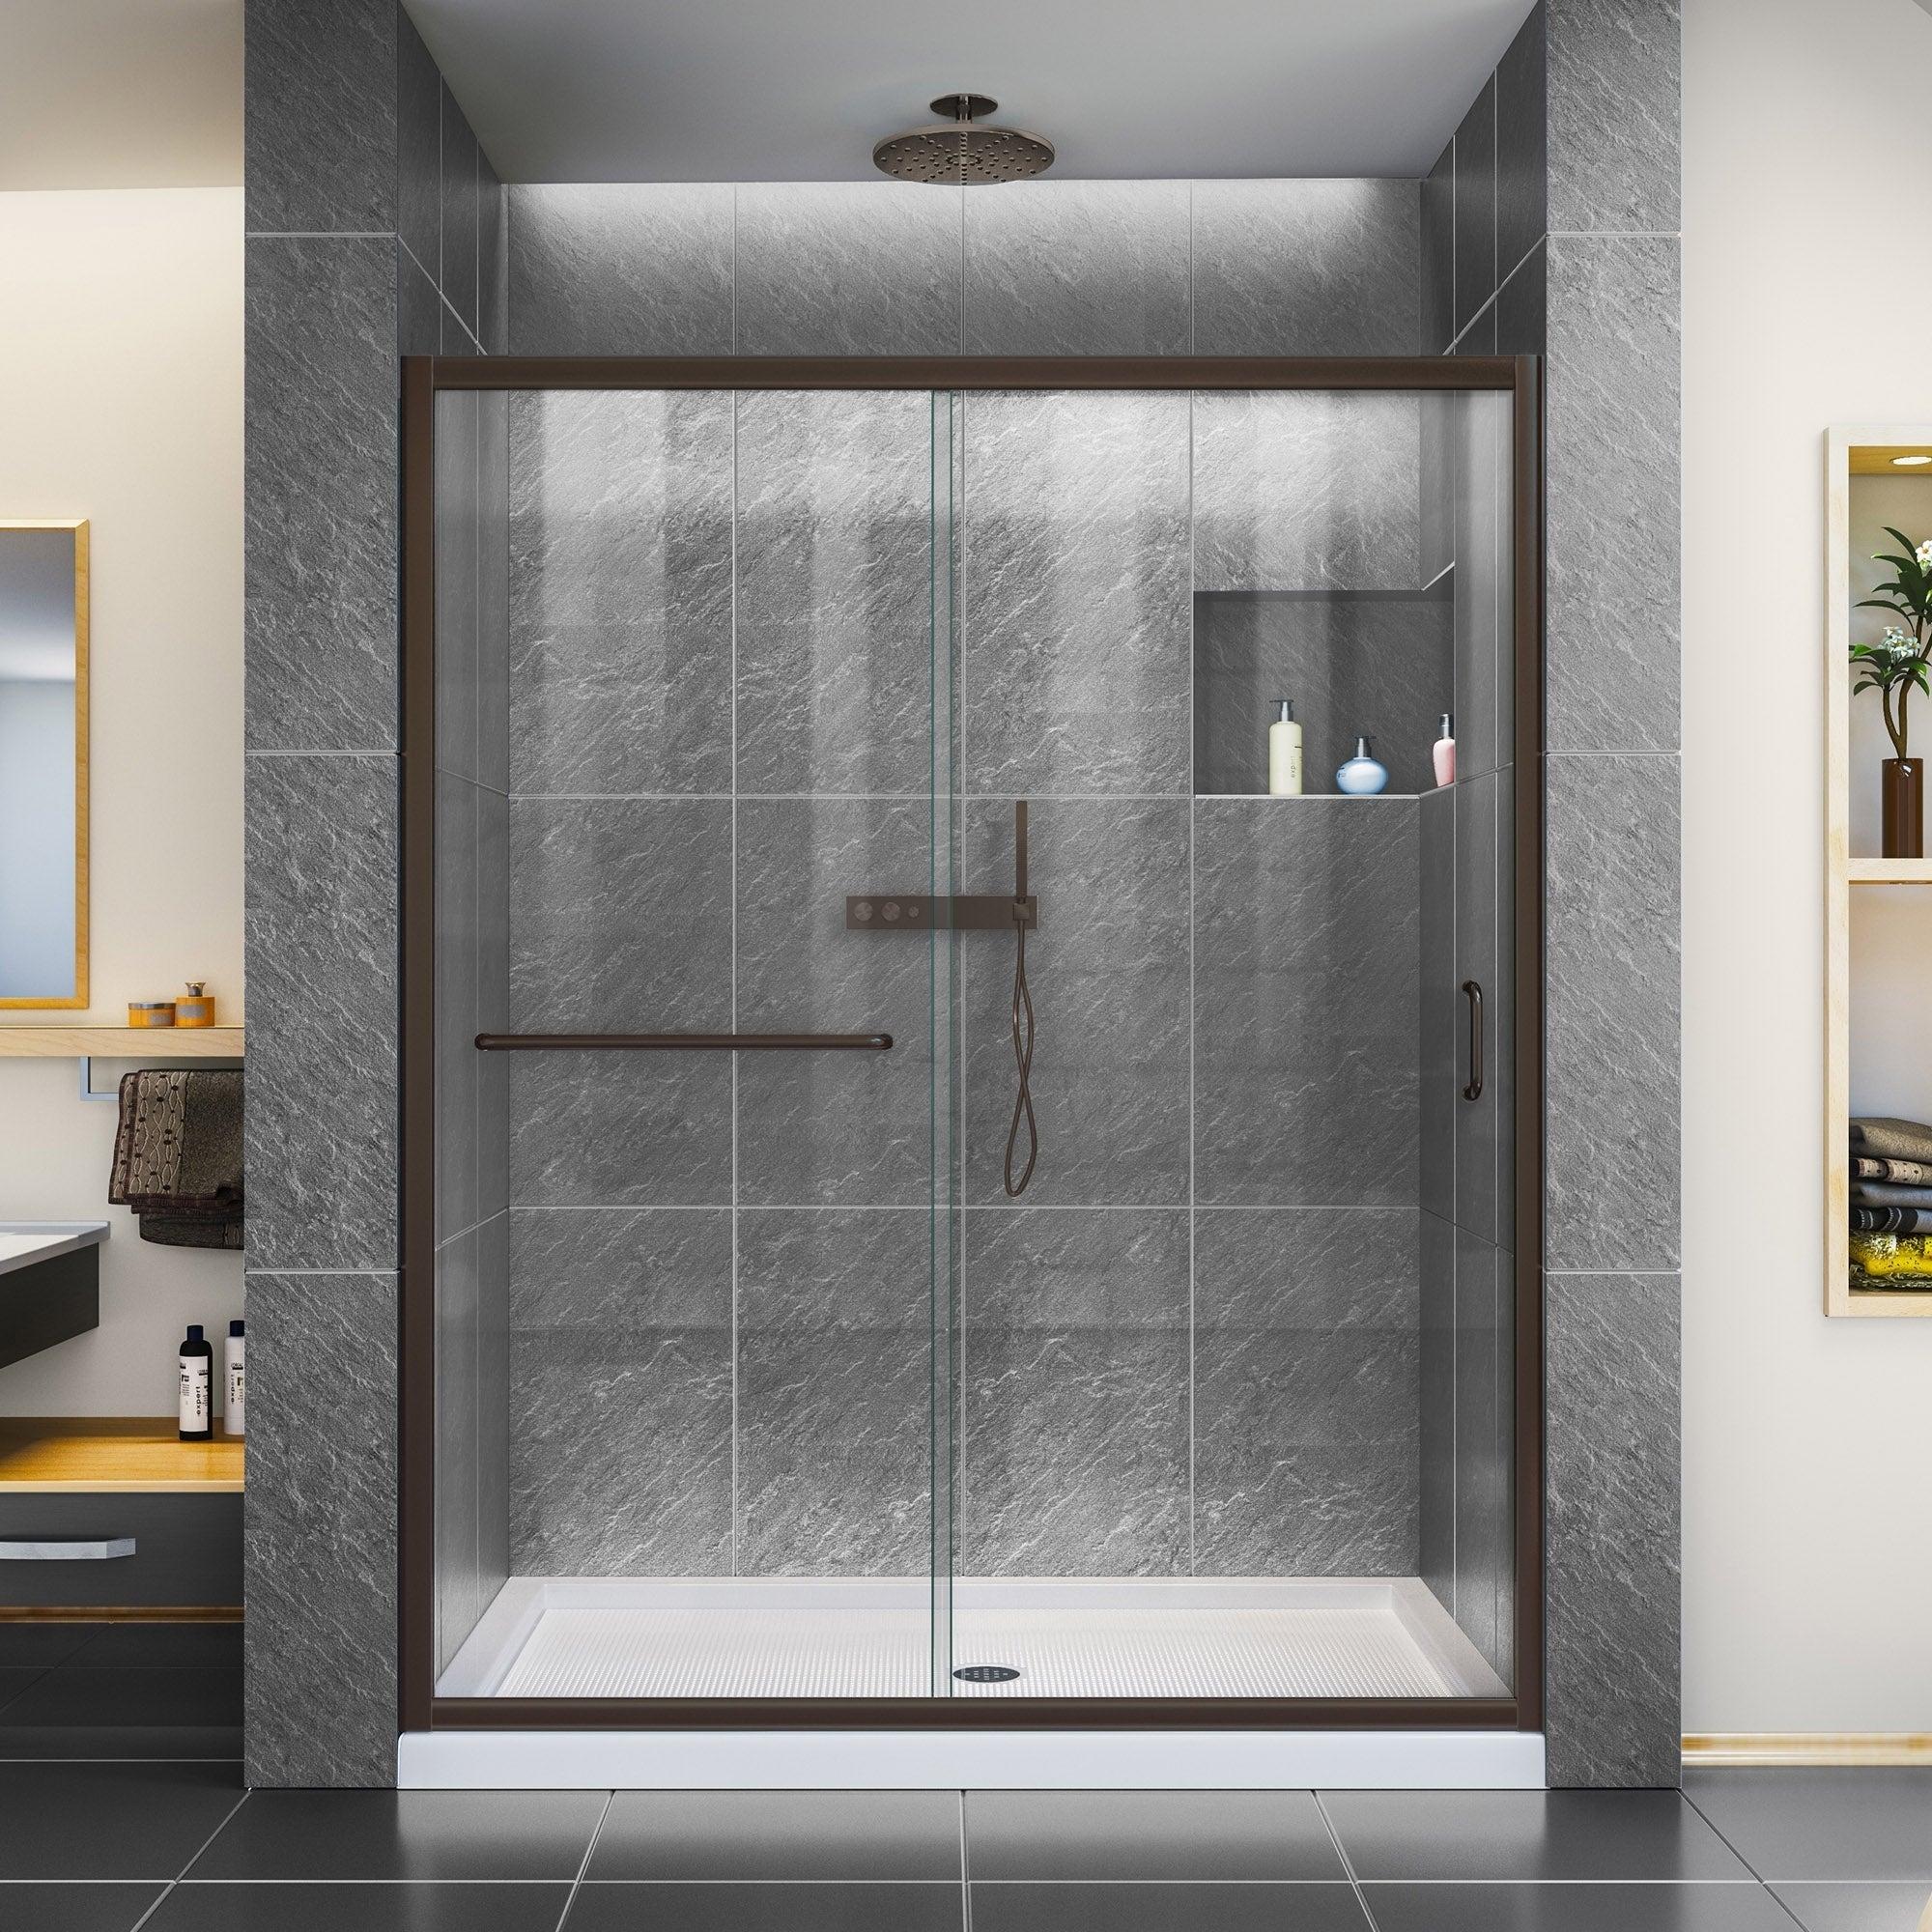 Dreamline Infinity Z 56 60 In W X 72 In H Semi Frameless Sliding Shower Door Clear Glass 60 W